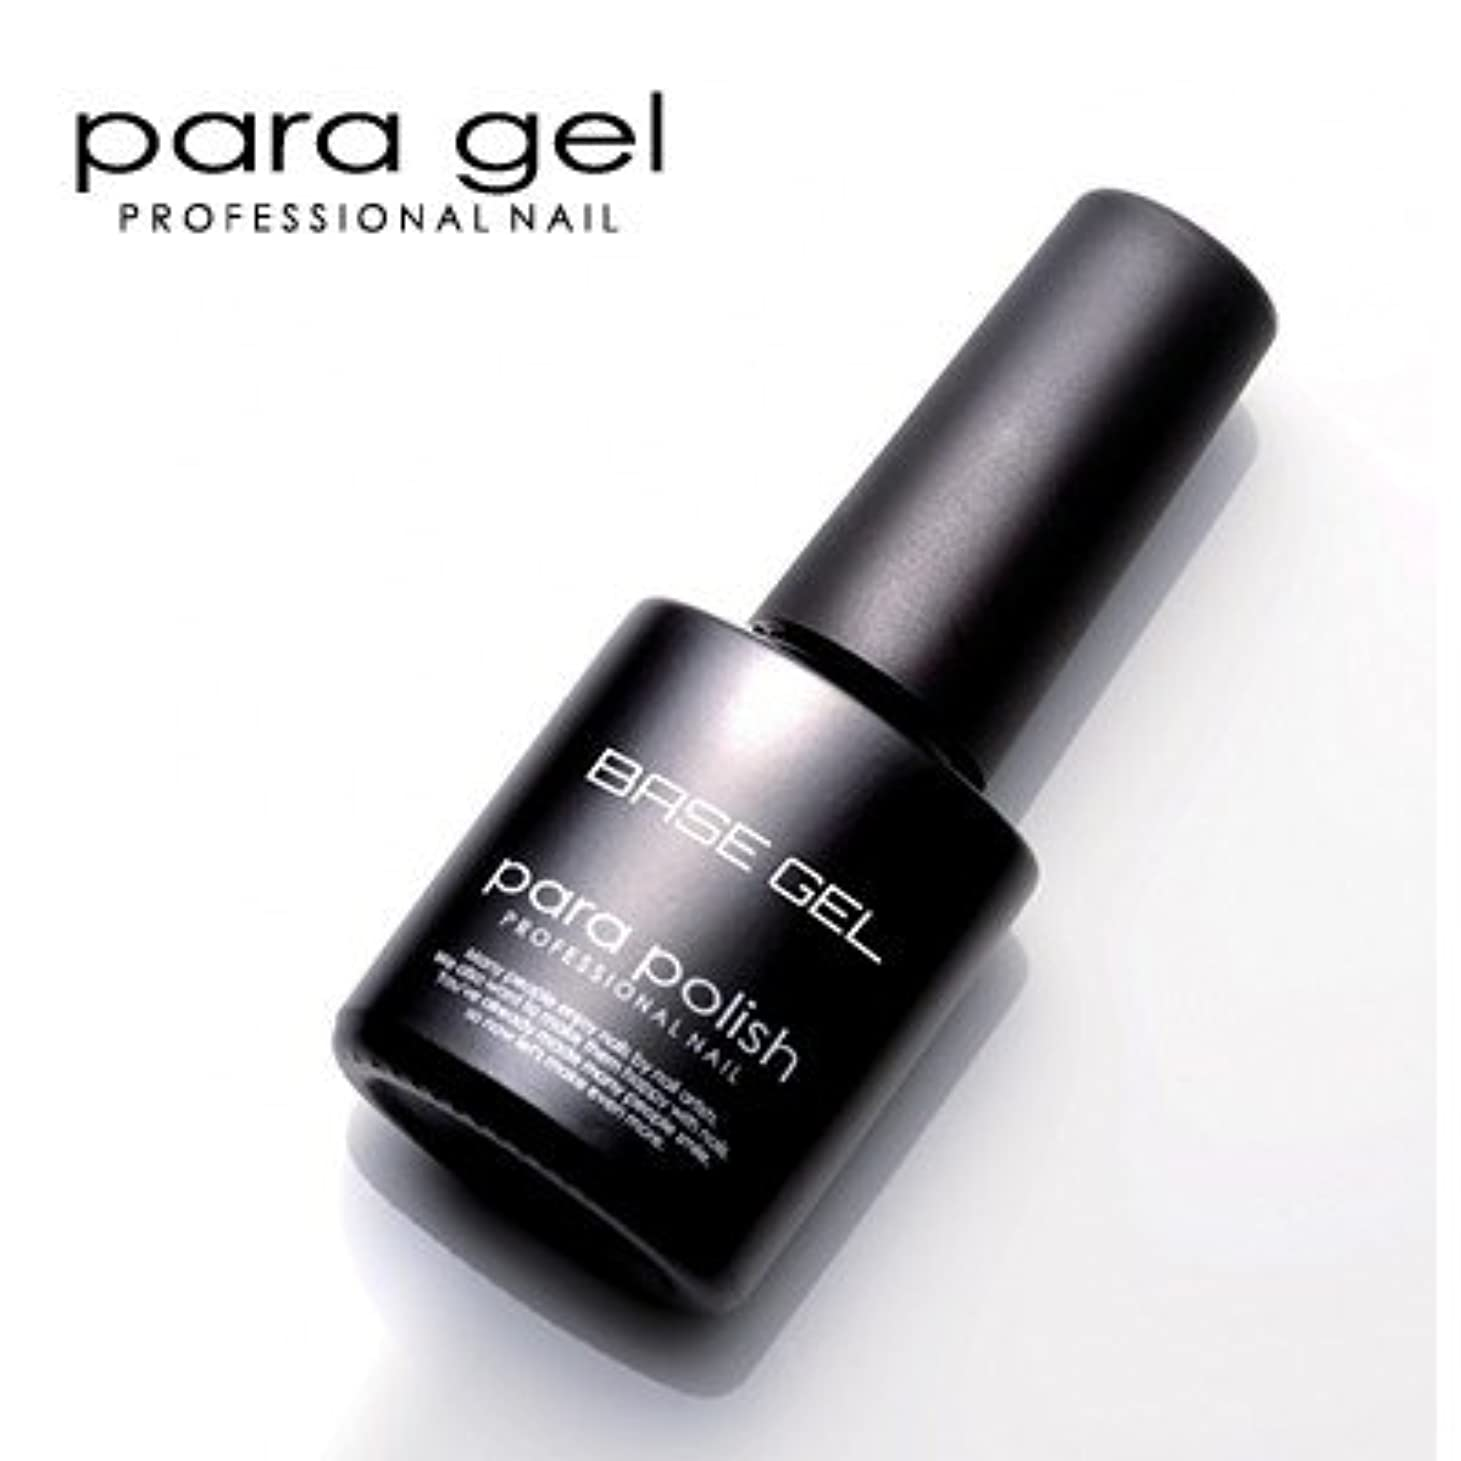 フォーカスランデブーブッシュパラジェル para polish(パラポリッシュ) ベースジェル 7g